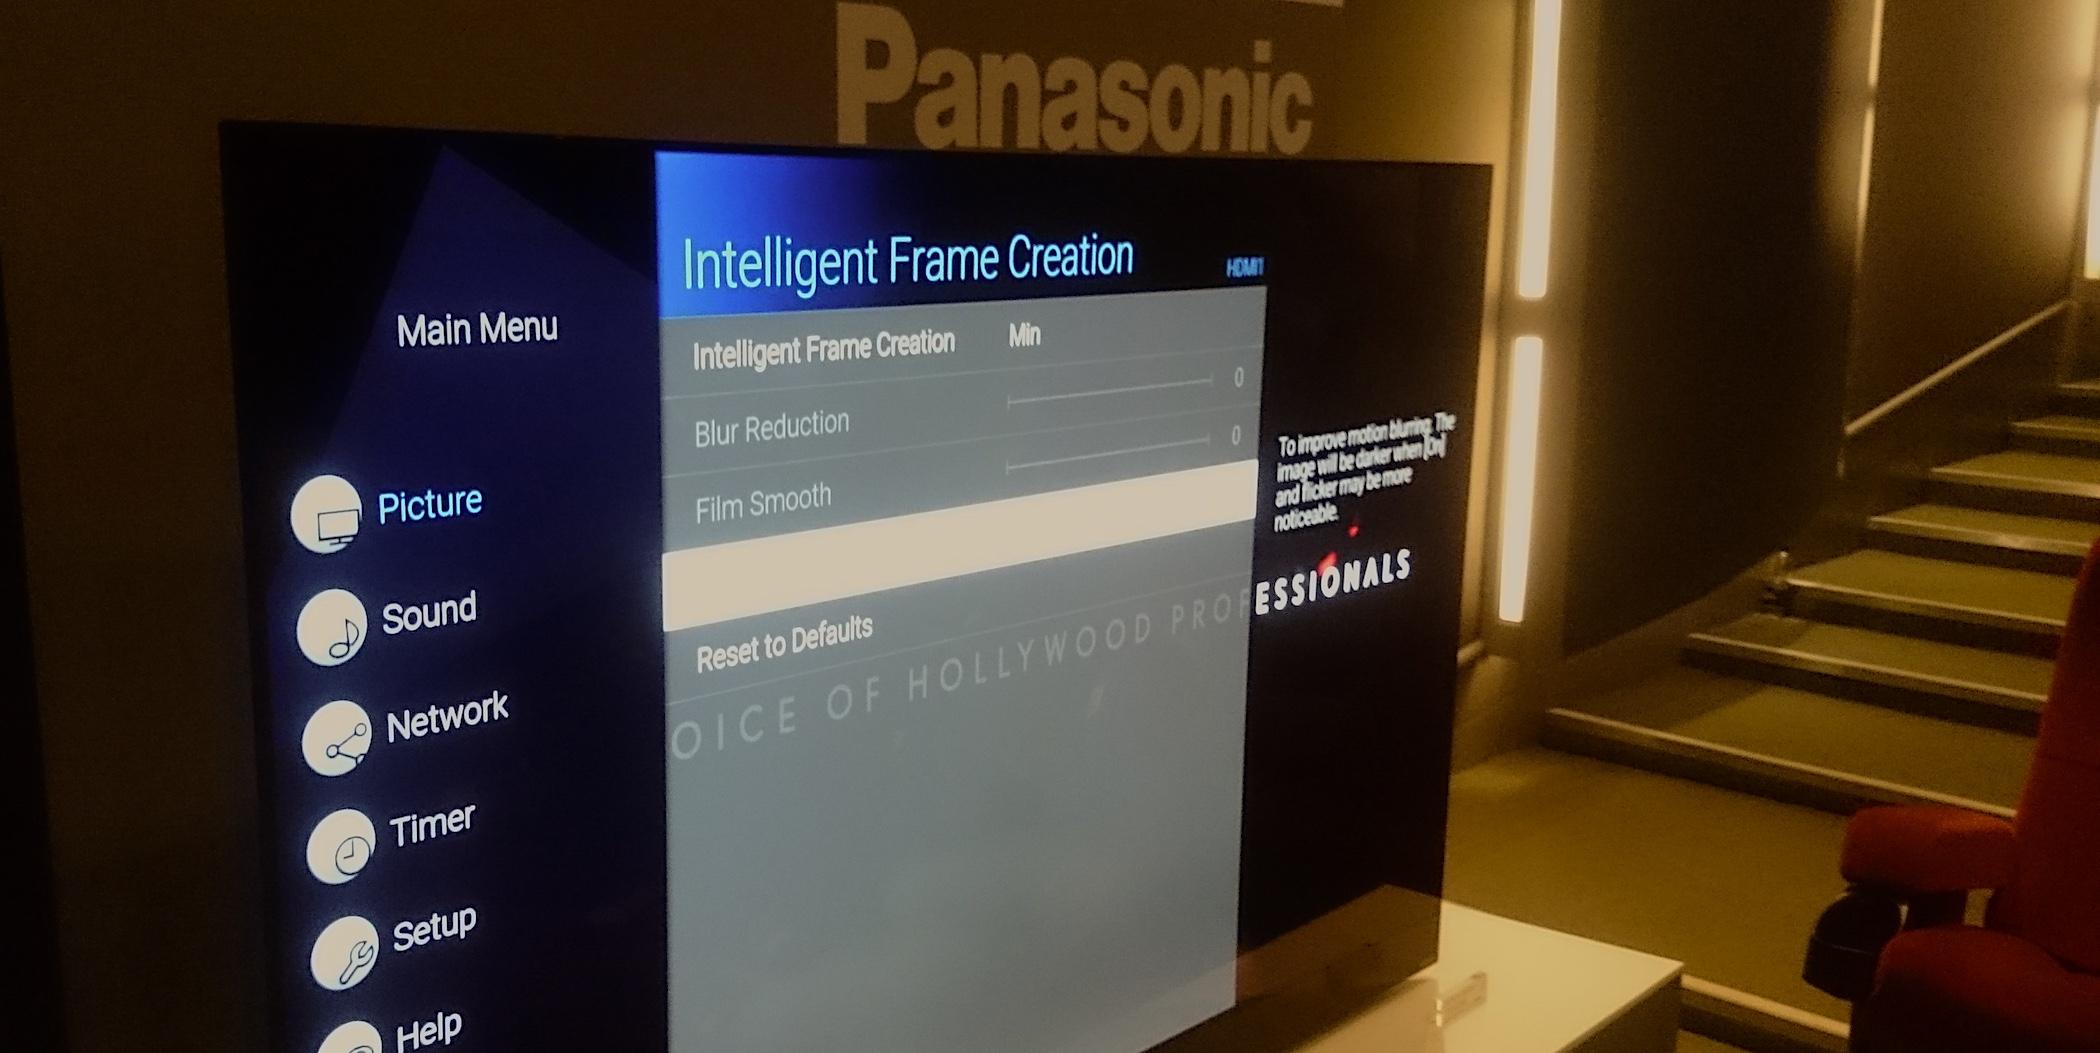 Neue Panasonic-Fernseher: Bessere Zwischenbildfunktion 2020